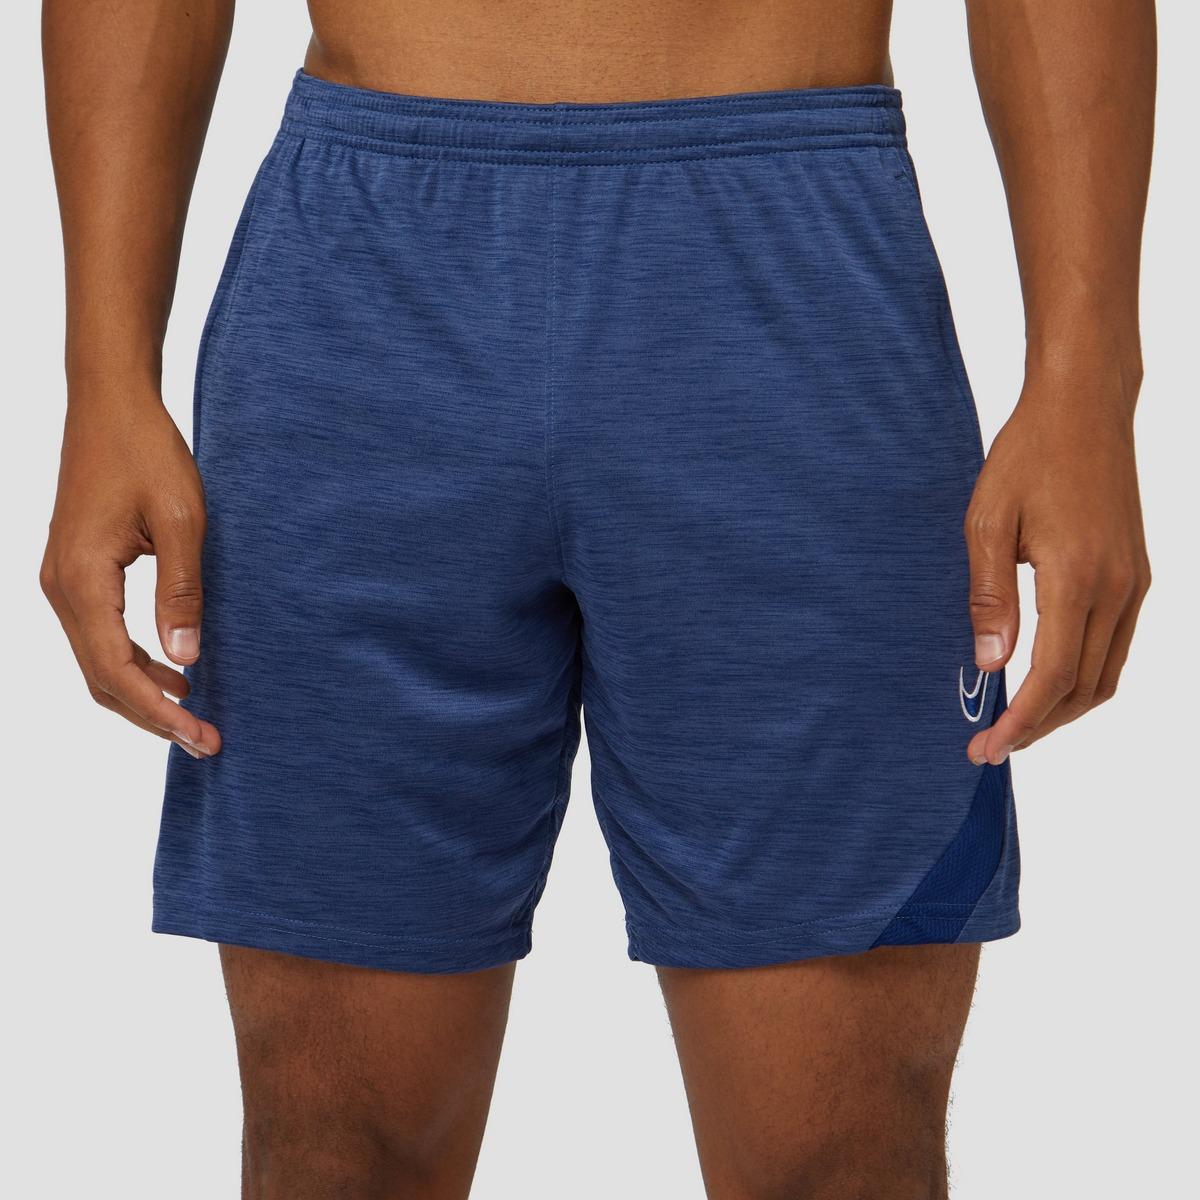 Nike dry-fit voetbalbroek Grijs en Blauw ( Blauw alleen nog L en XL)